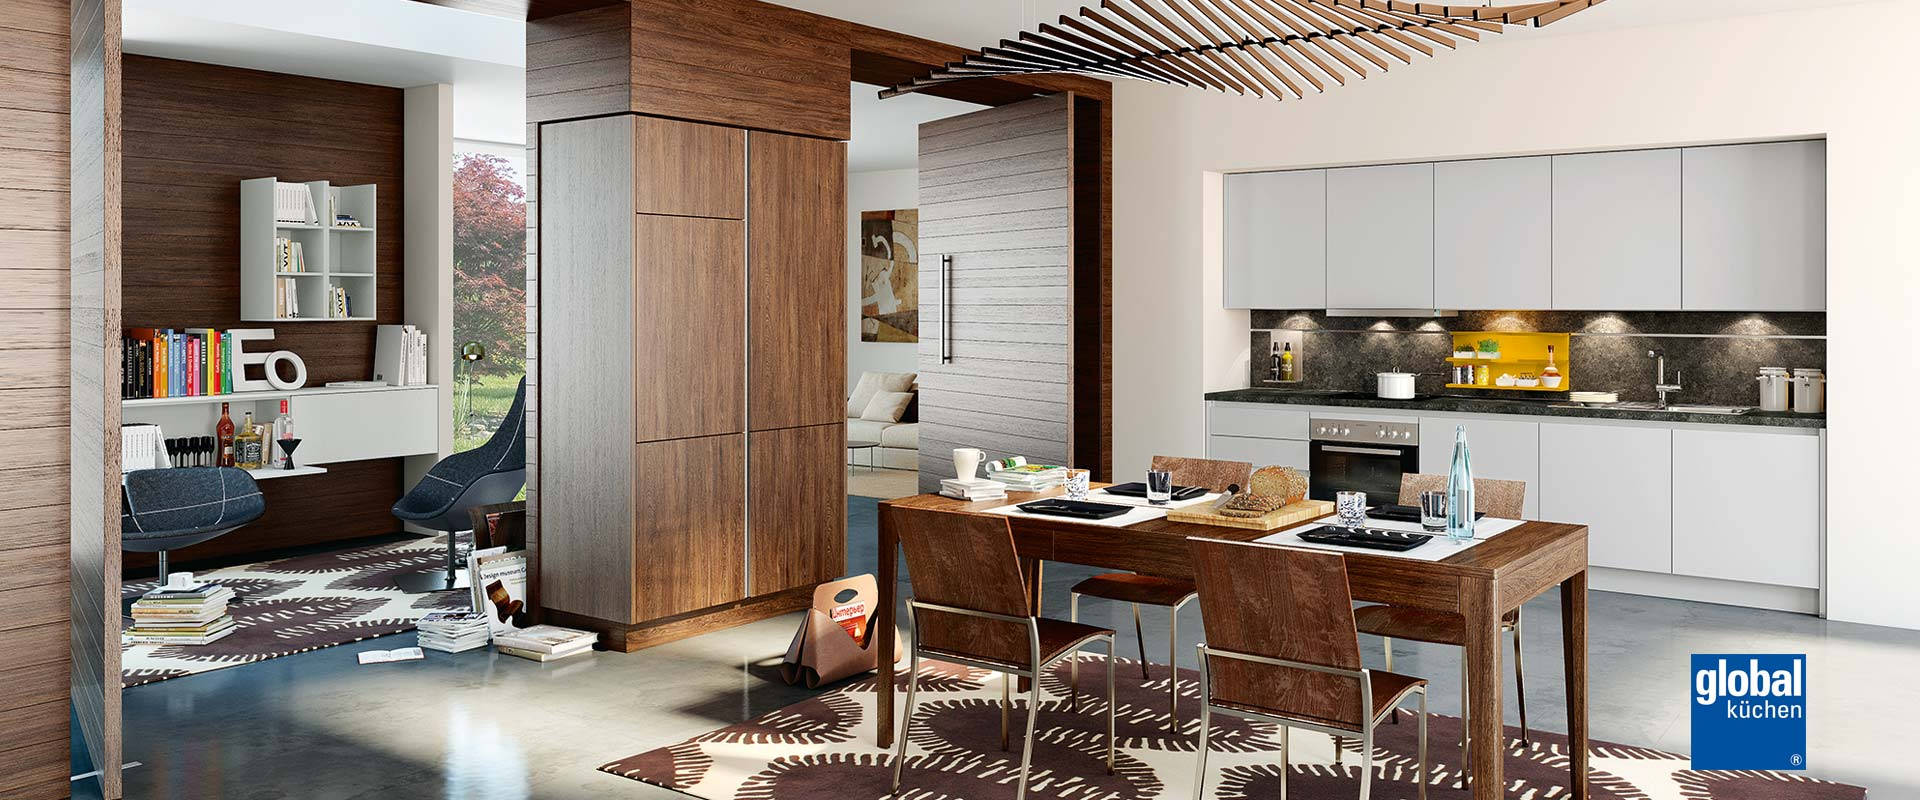 domeyer m bel und k chen g nstige m bel und k chen. Black Bedroom Furniture Sets. Home Design Ideas